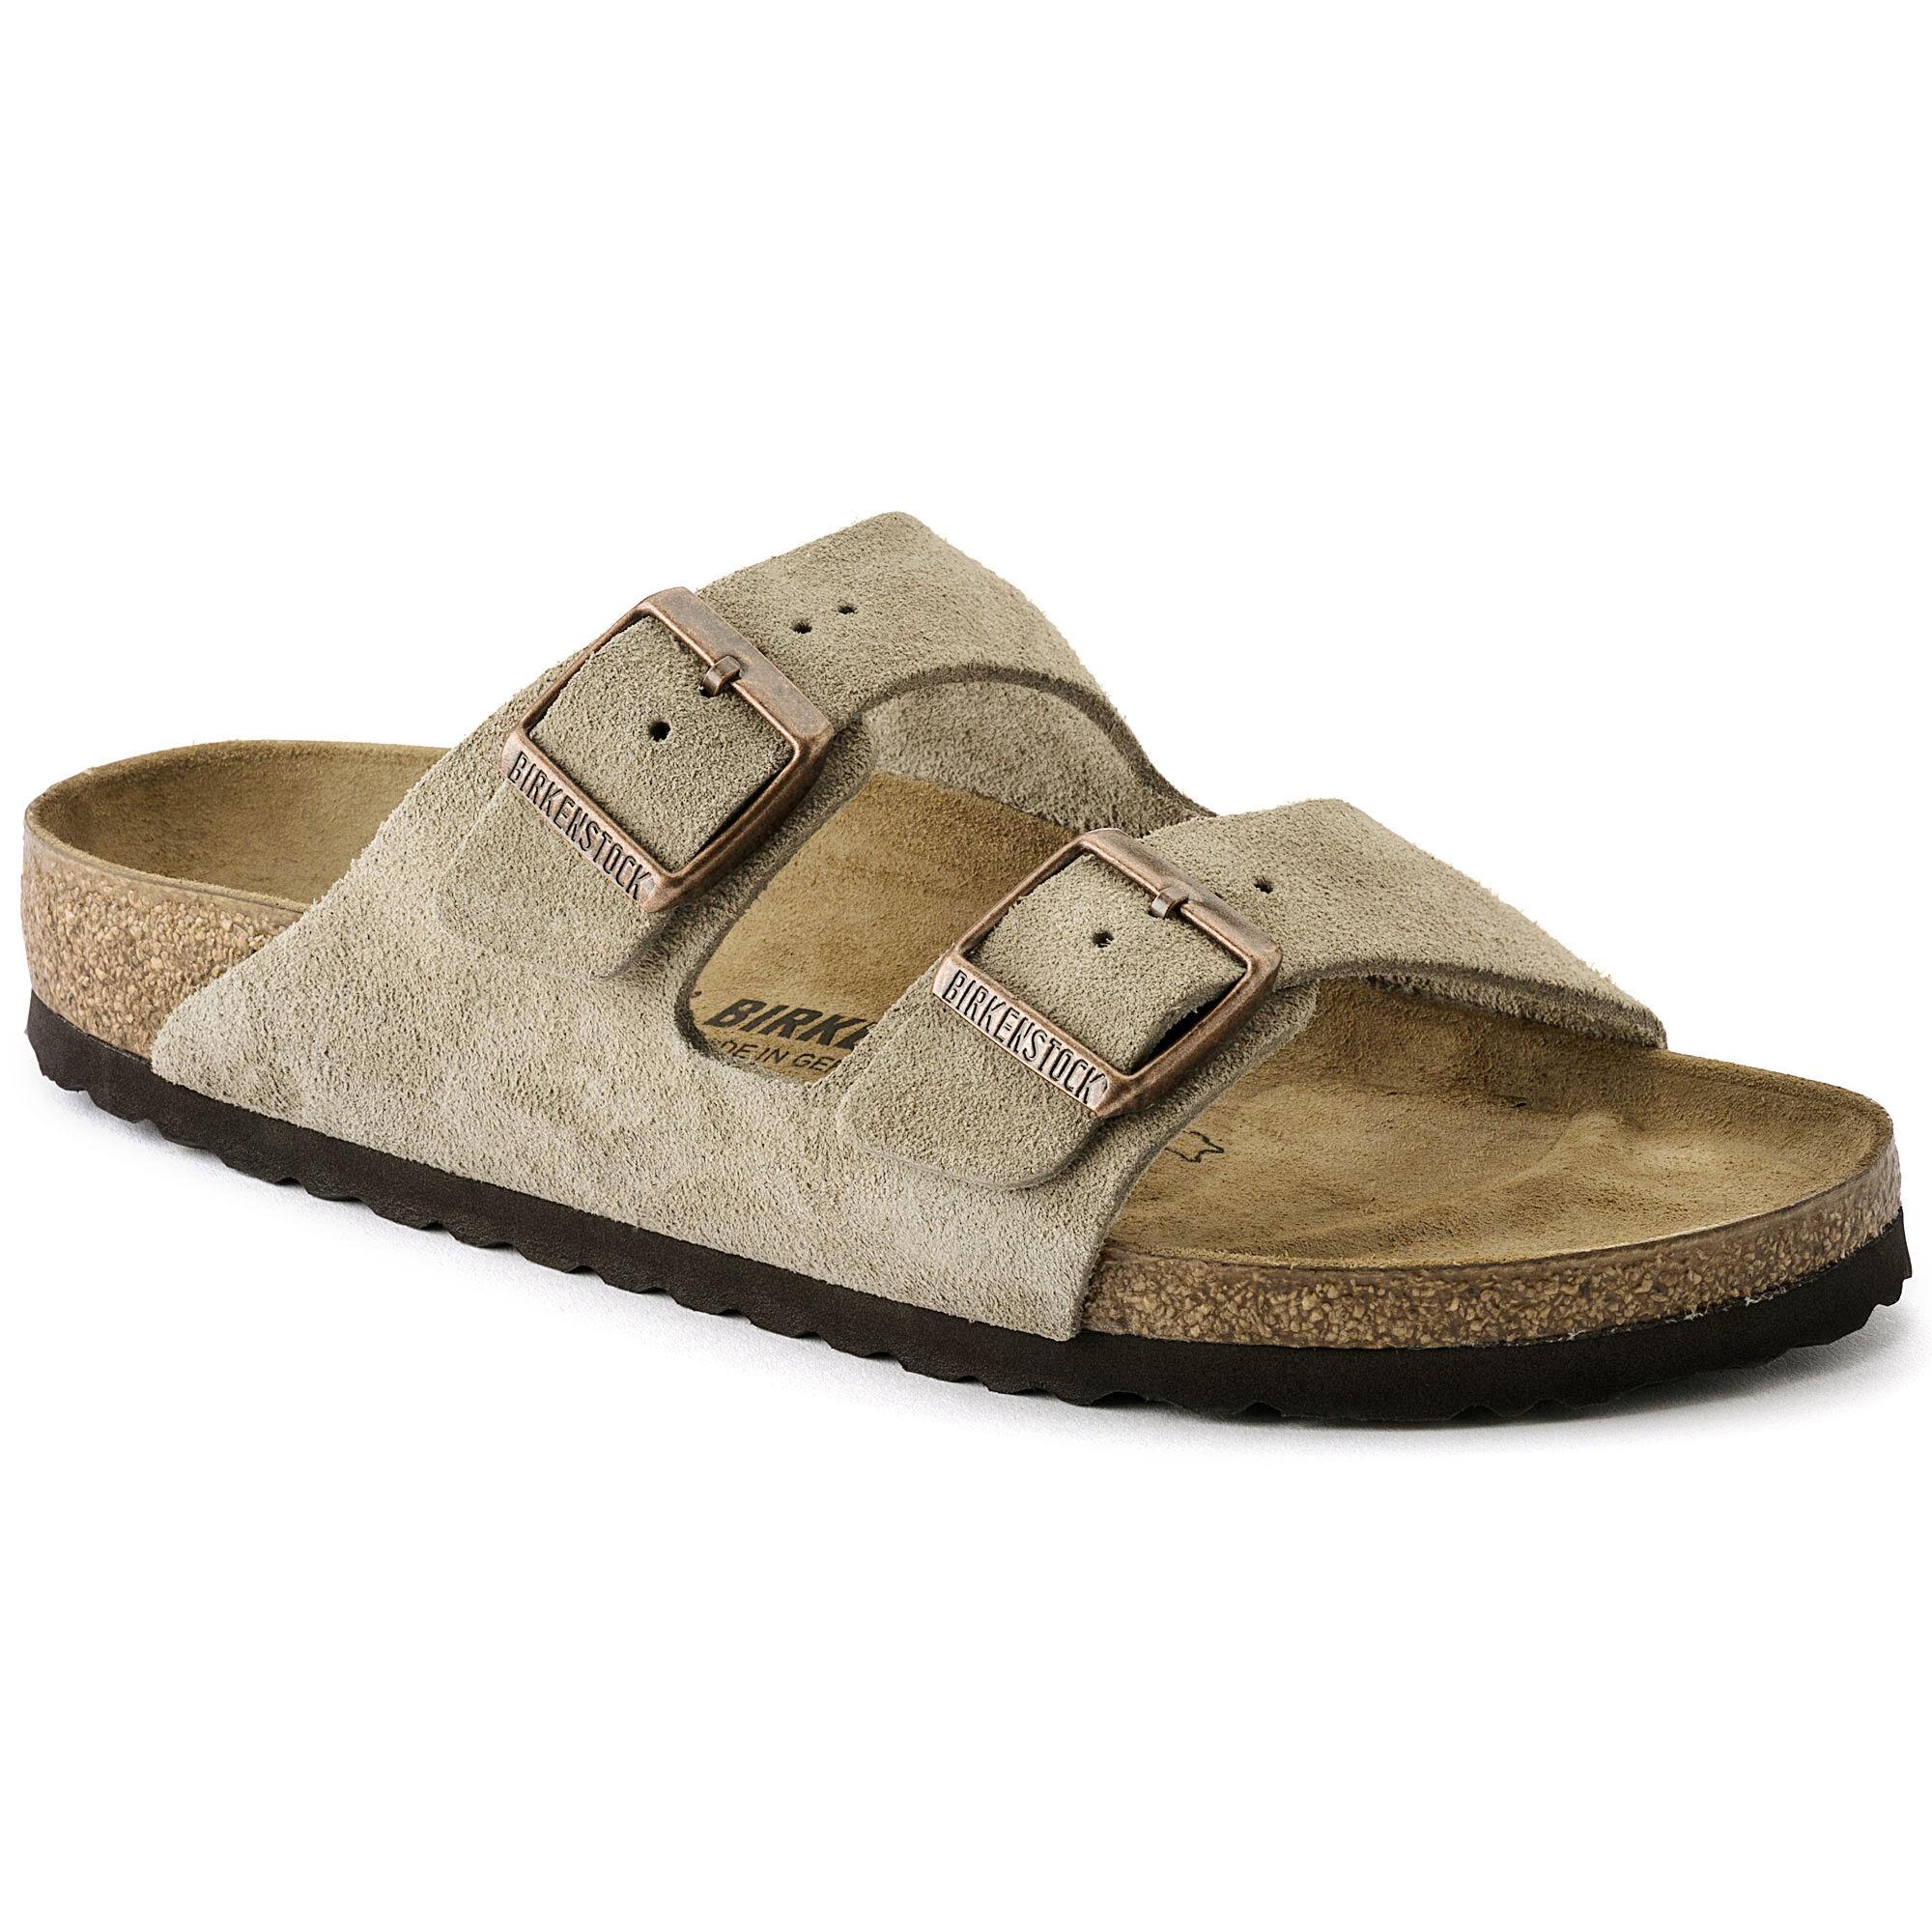 Shoe Show Shop Online